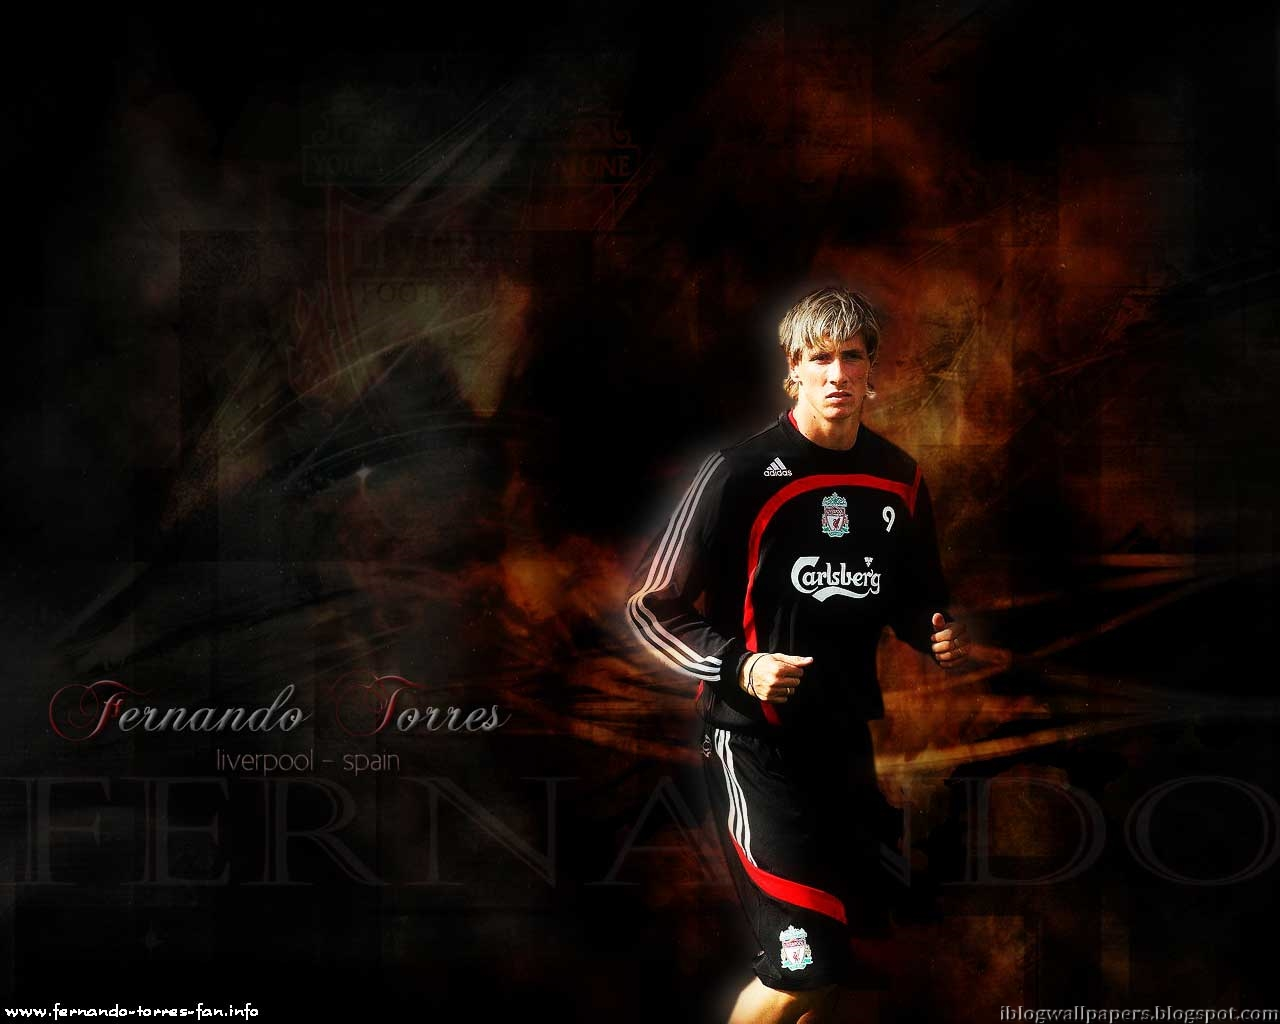 Fernando Torres Liverpool Wallpaper HD Download Wallpaper 1280x1024